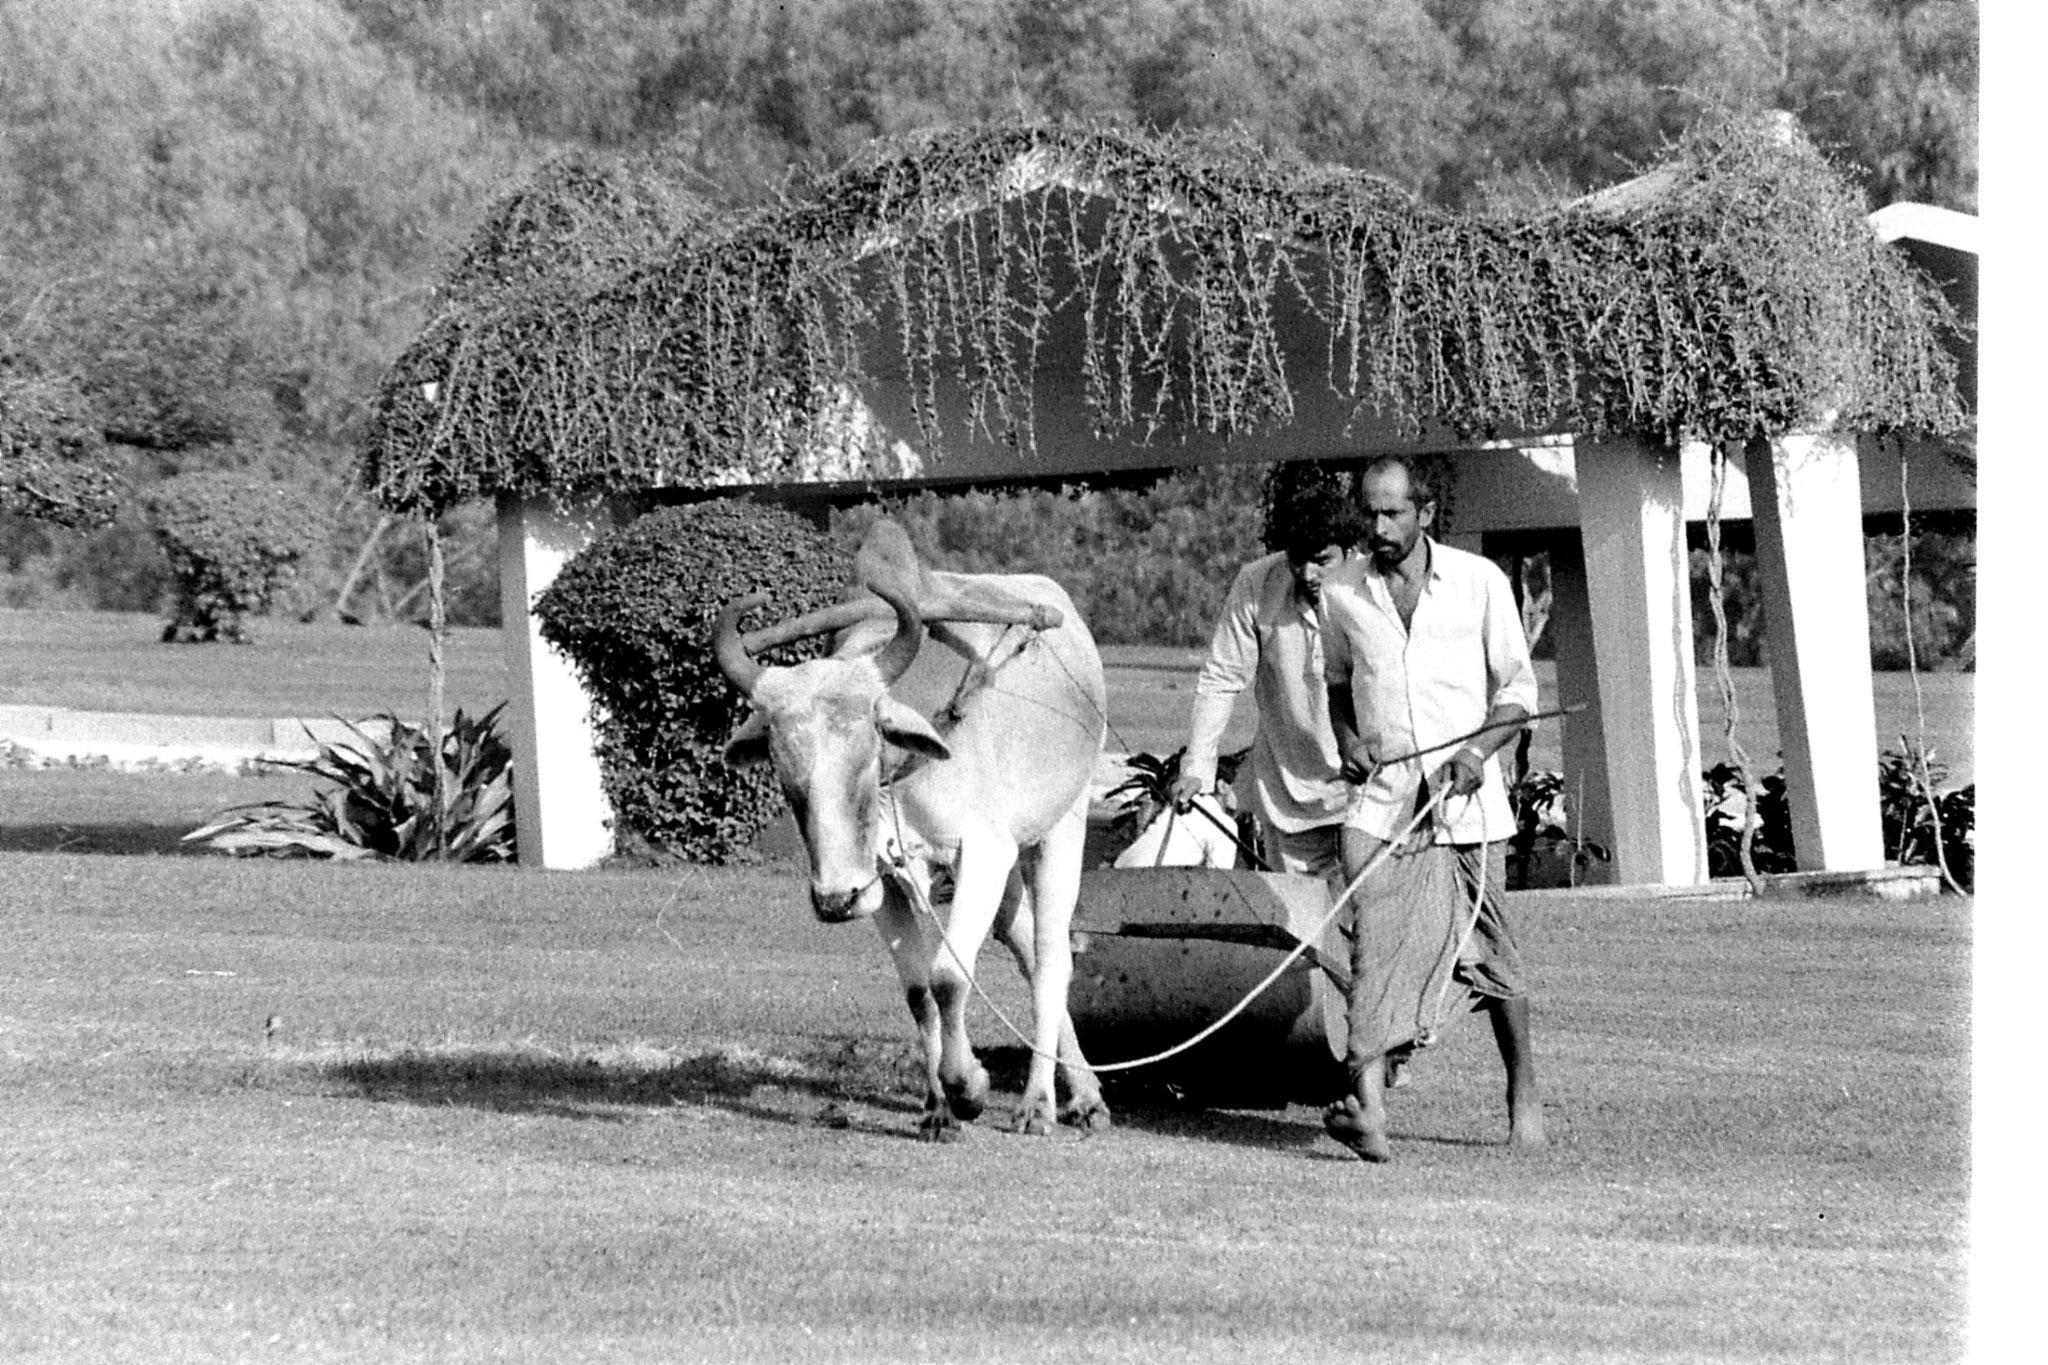 24/11/1989: 20: New Delhi Raj Ghat bullock lawn mower